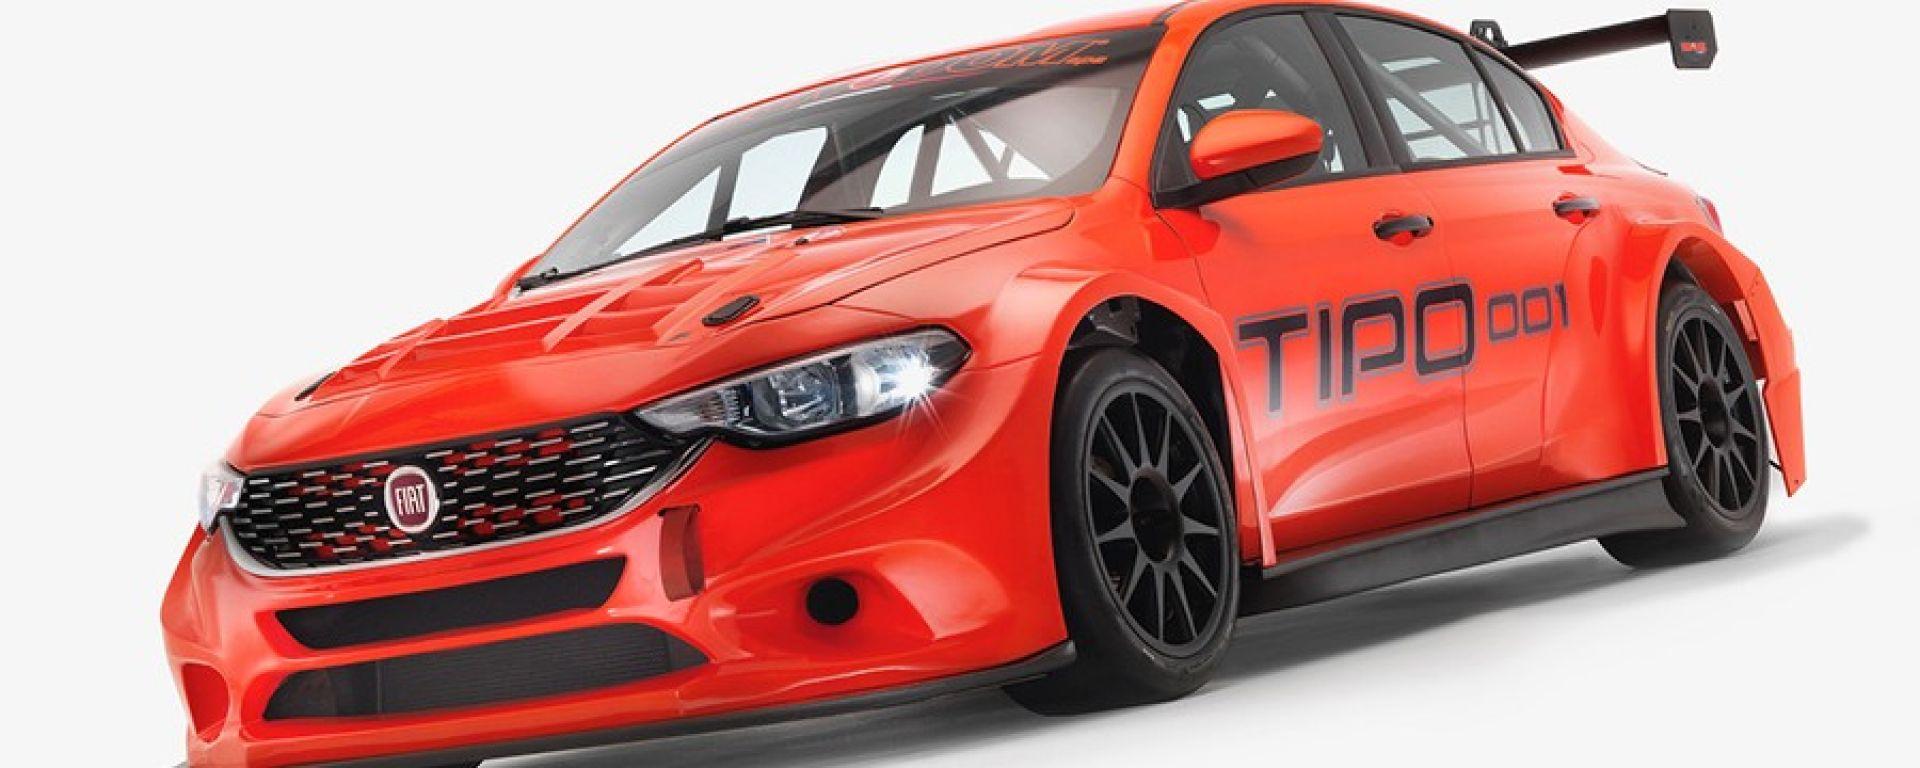 Fiat Tipo TCR: la vettura del gruppo FCA punta al primato nel TCR